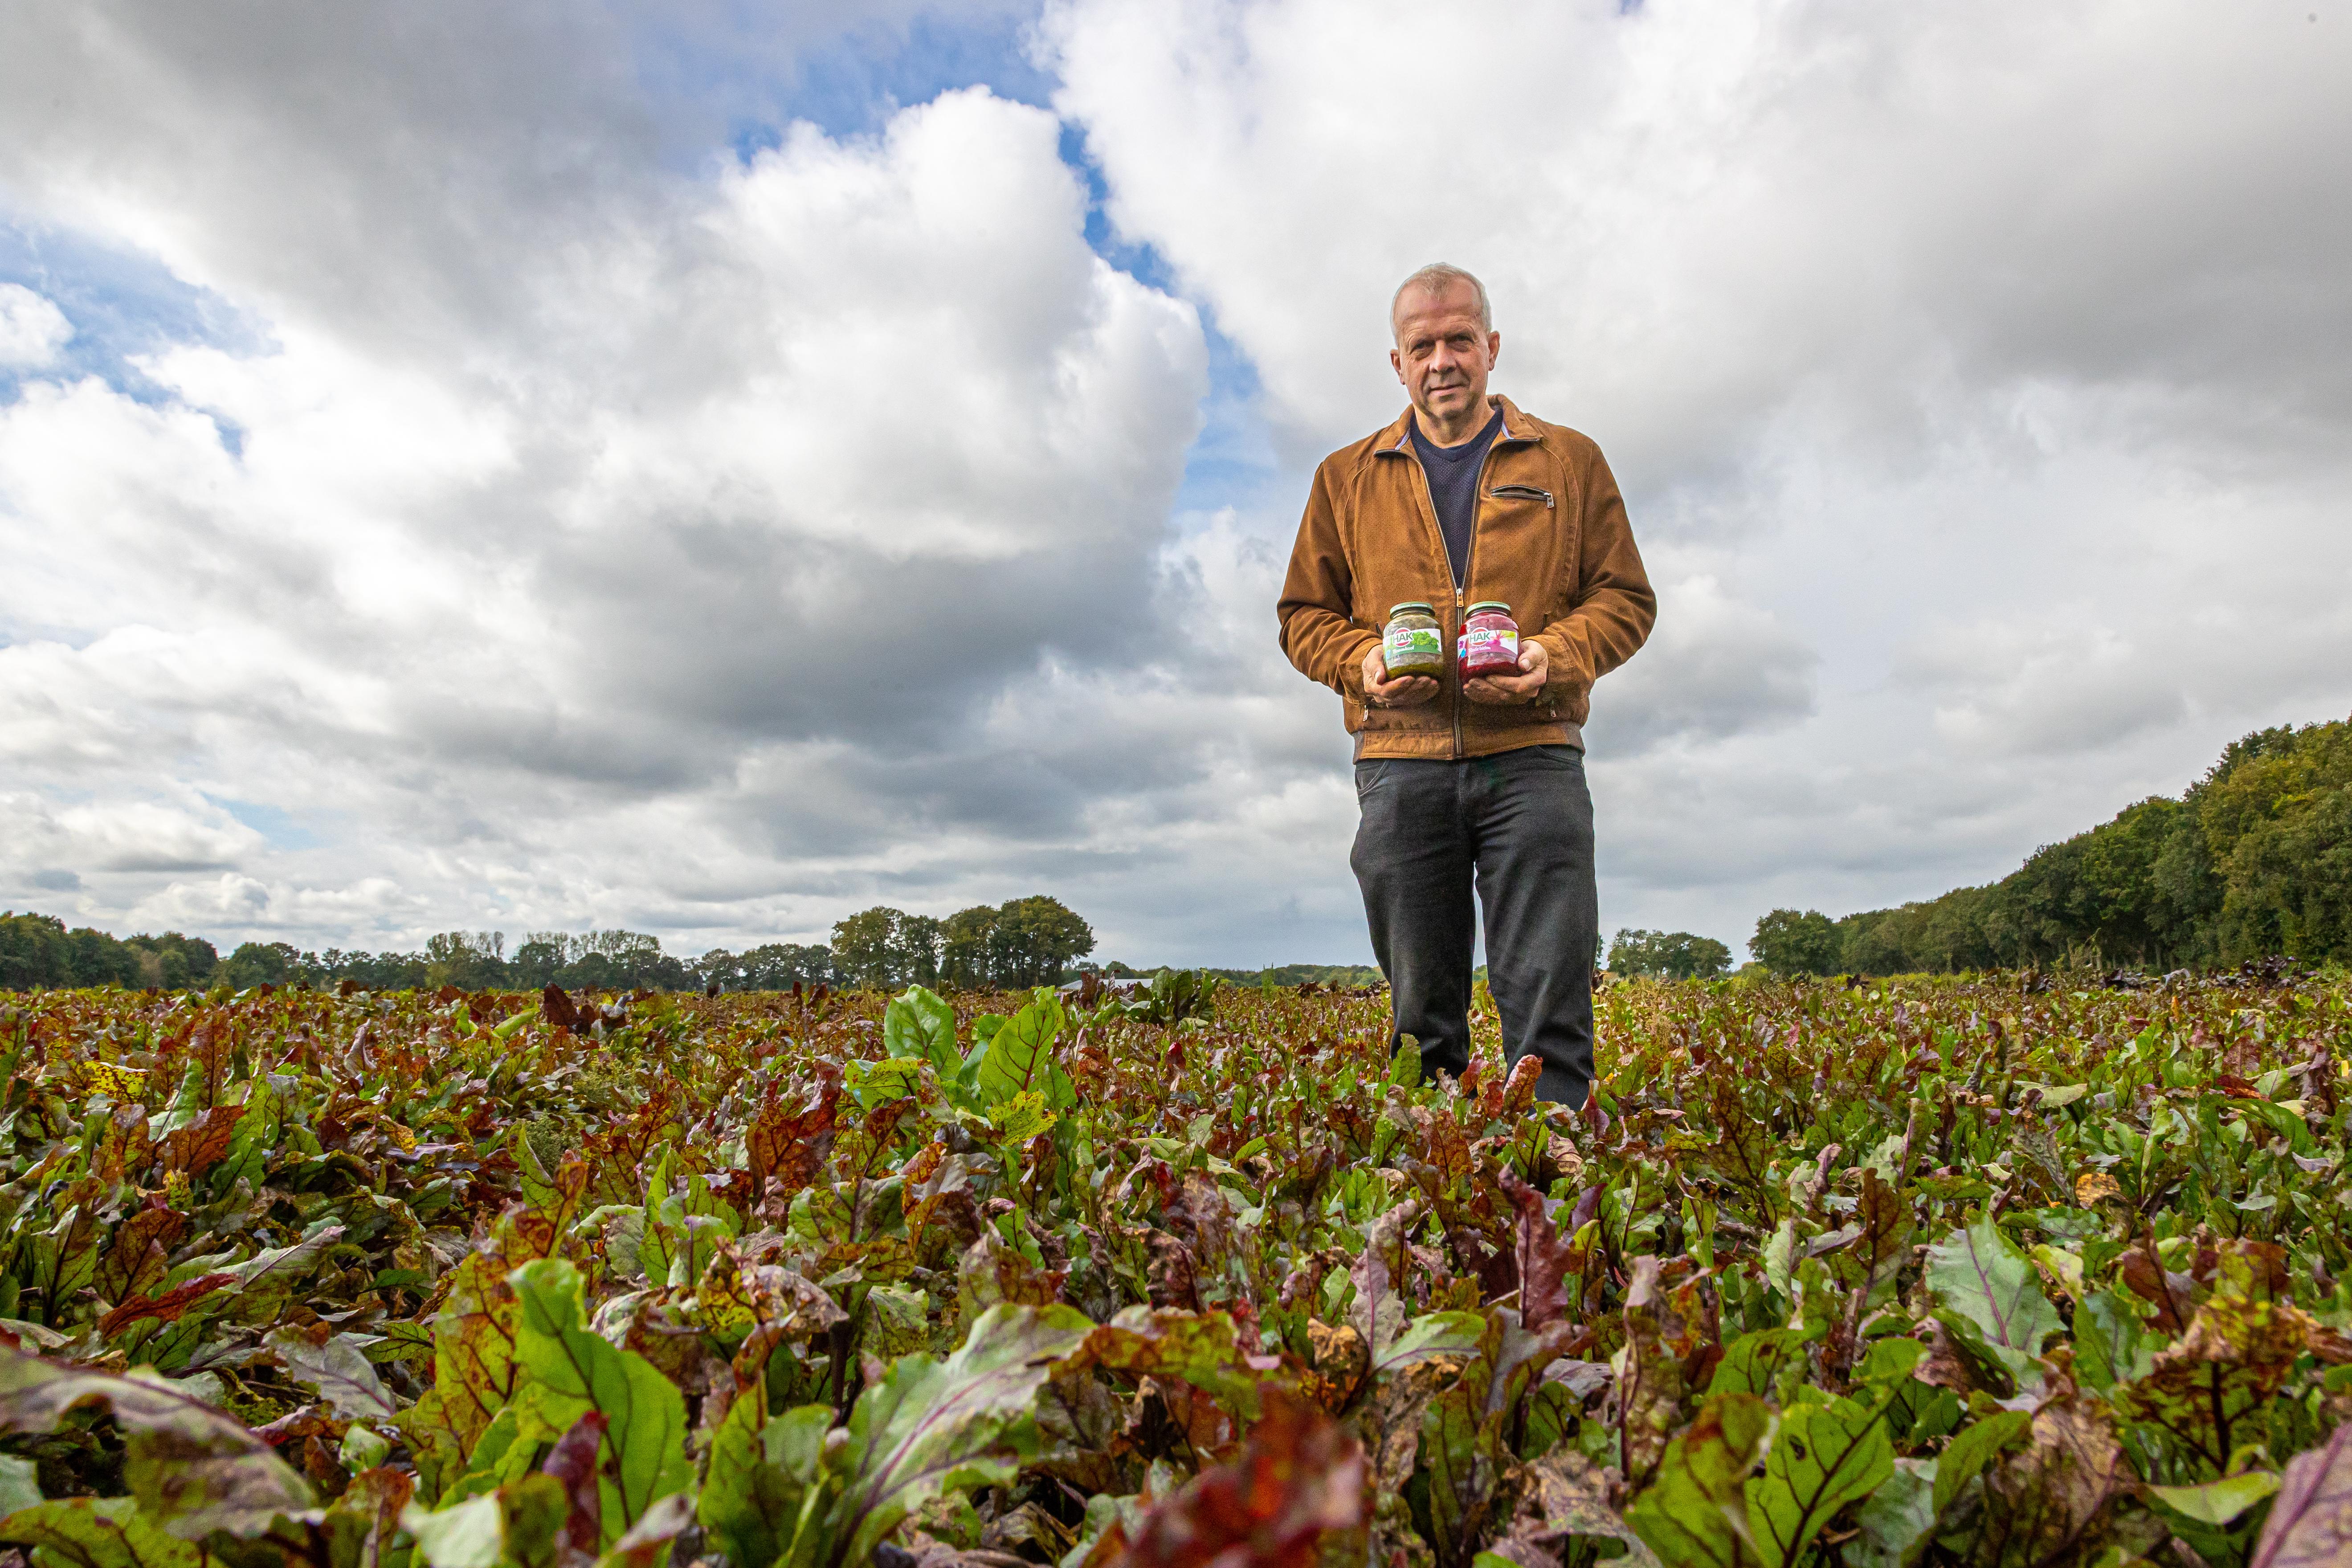 Pieter Verschure met HAK boerenkool en rode biet